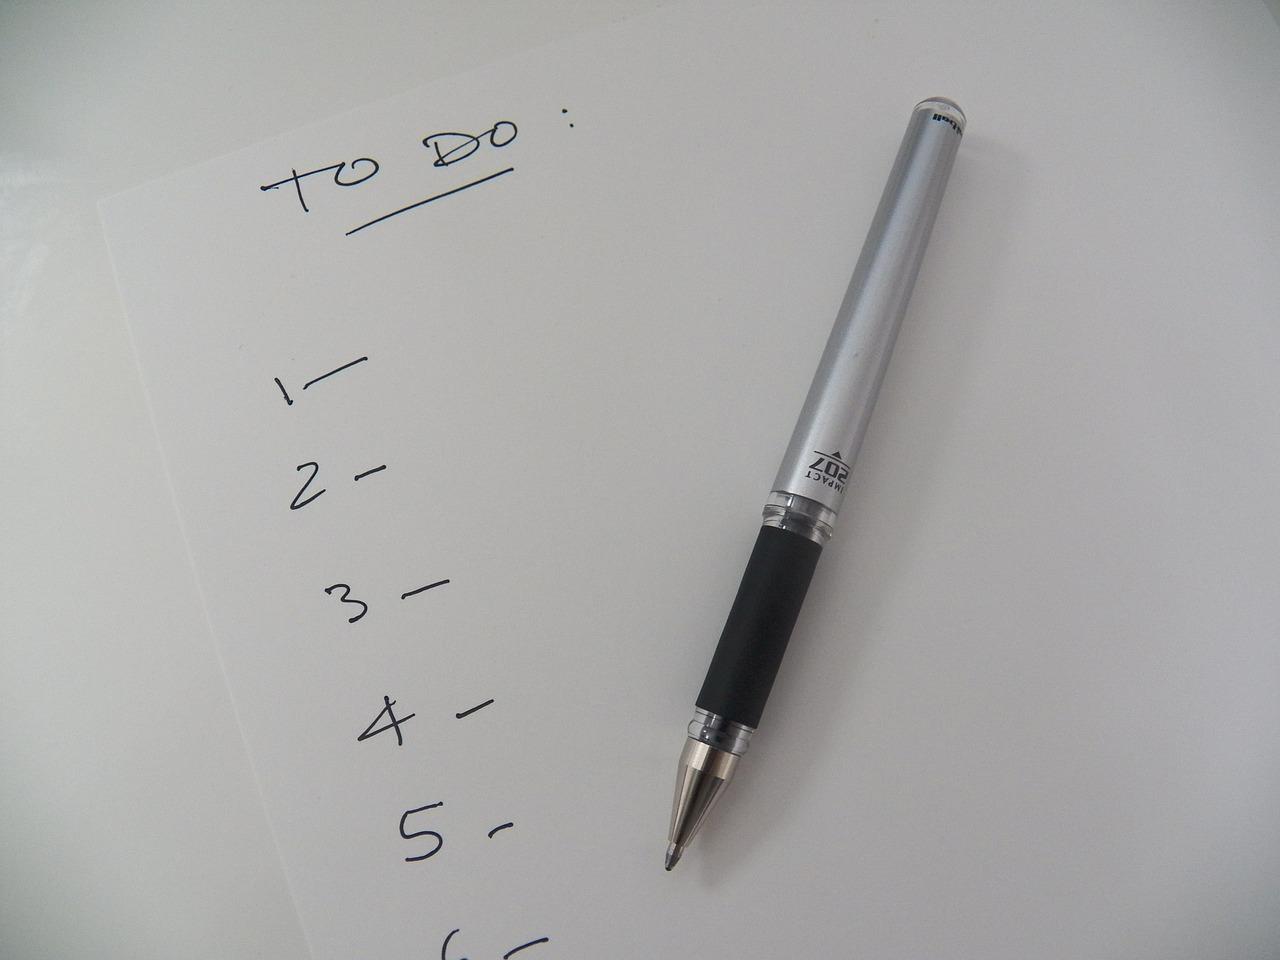 to_do_liste_richtig_schreiben